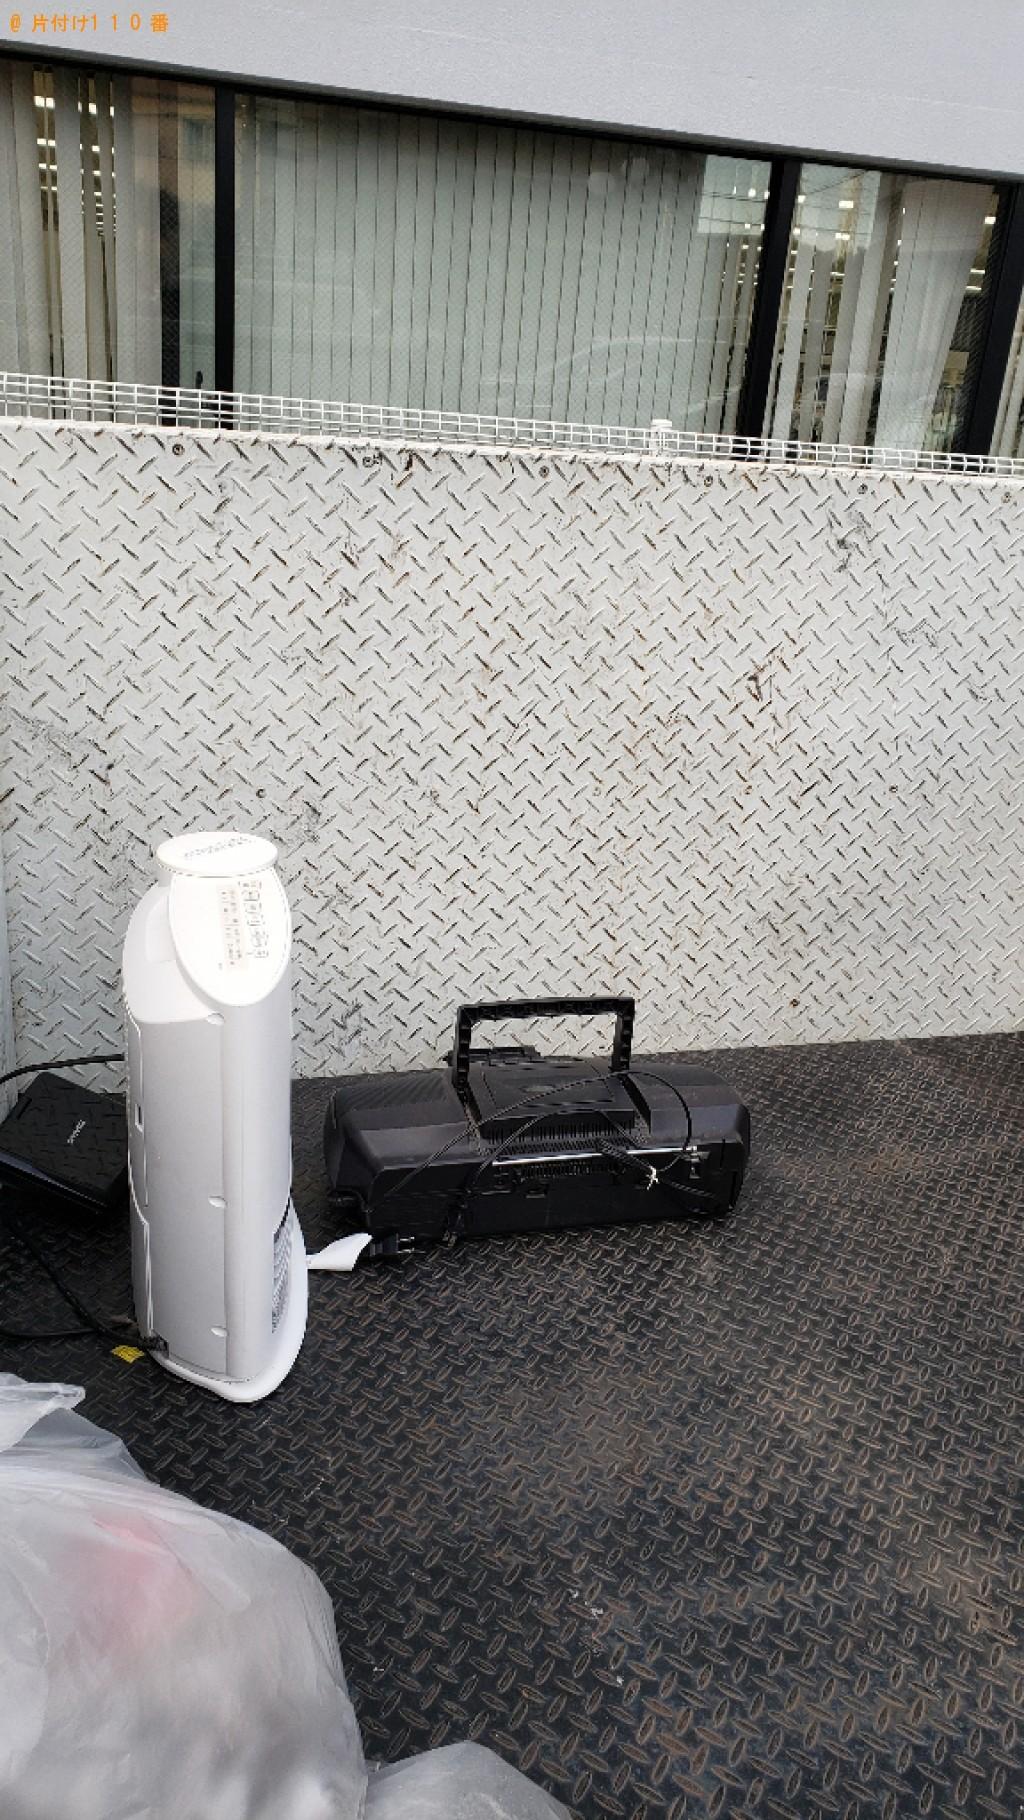 【さいたま市南区】CDラジカセ、ヒーター等の回収・処分ご依頼